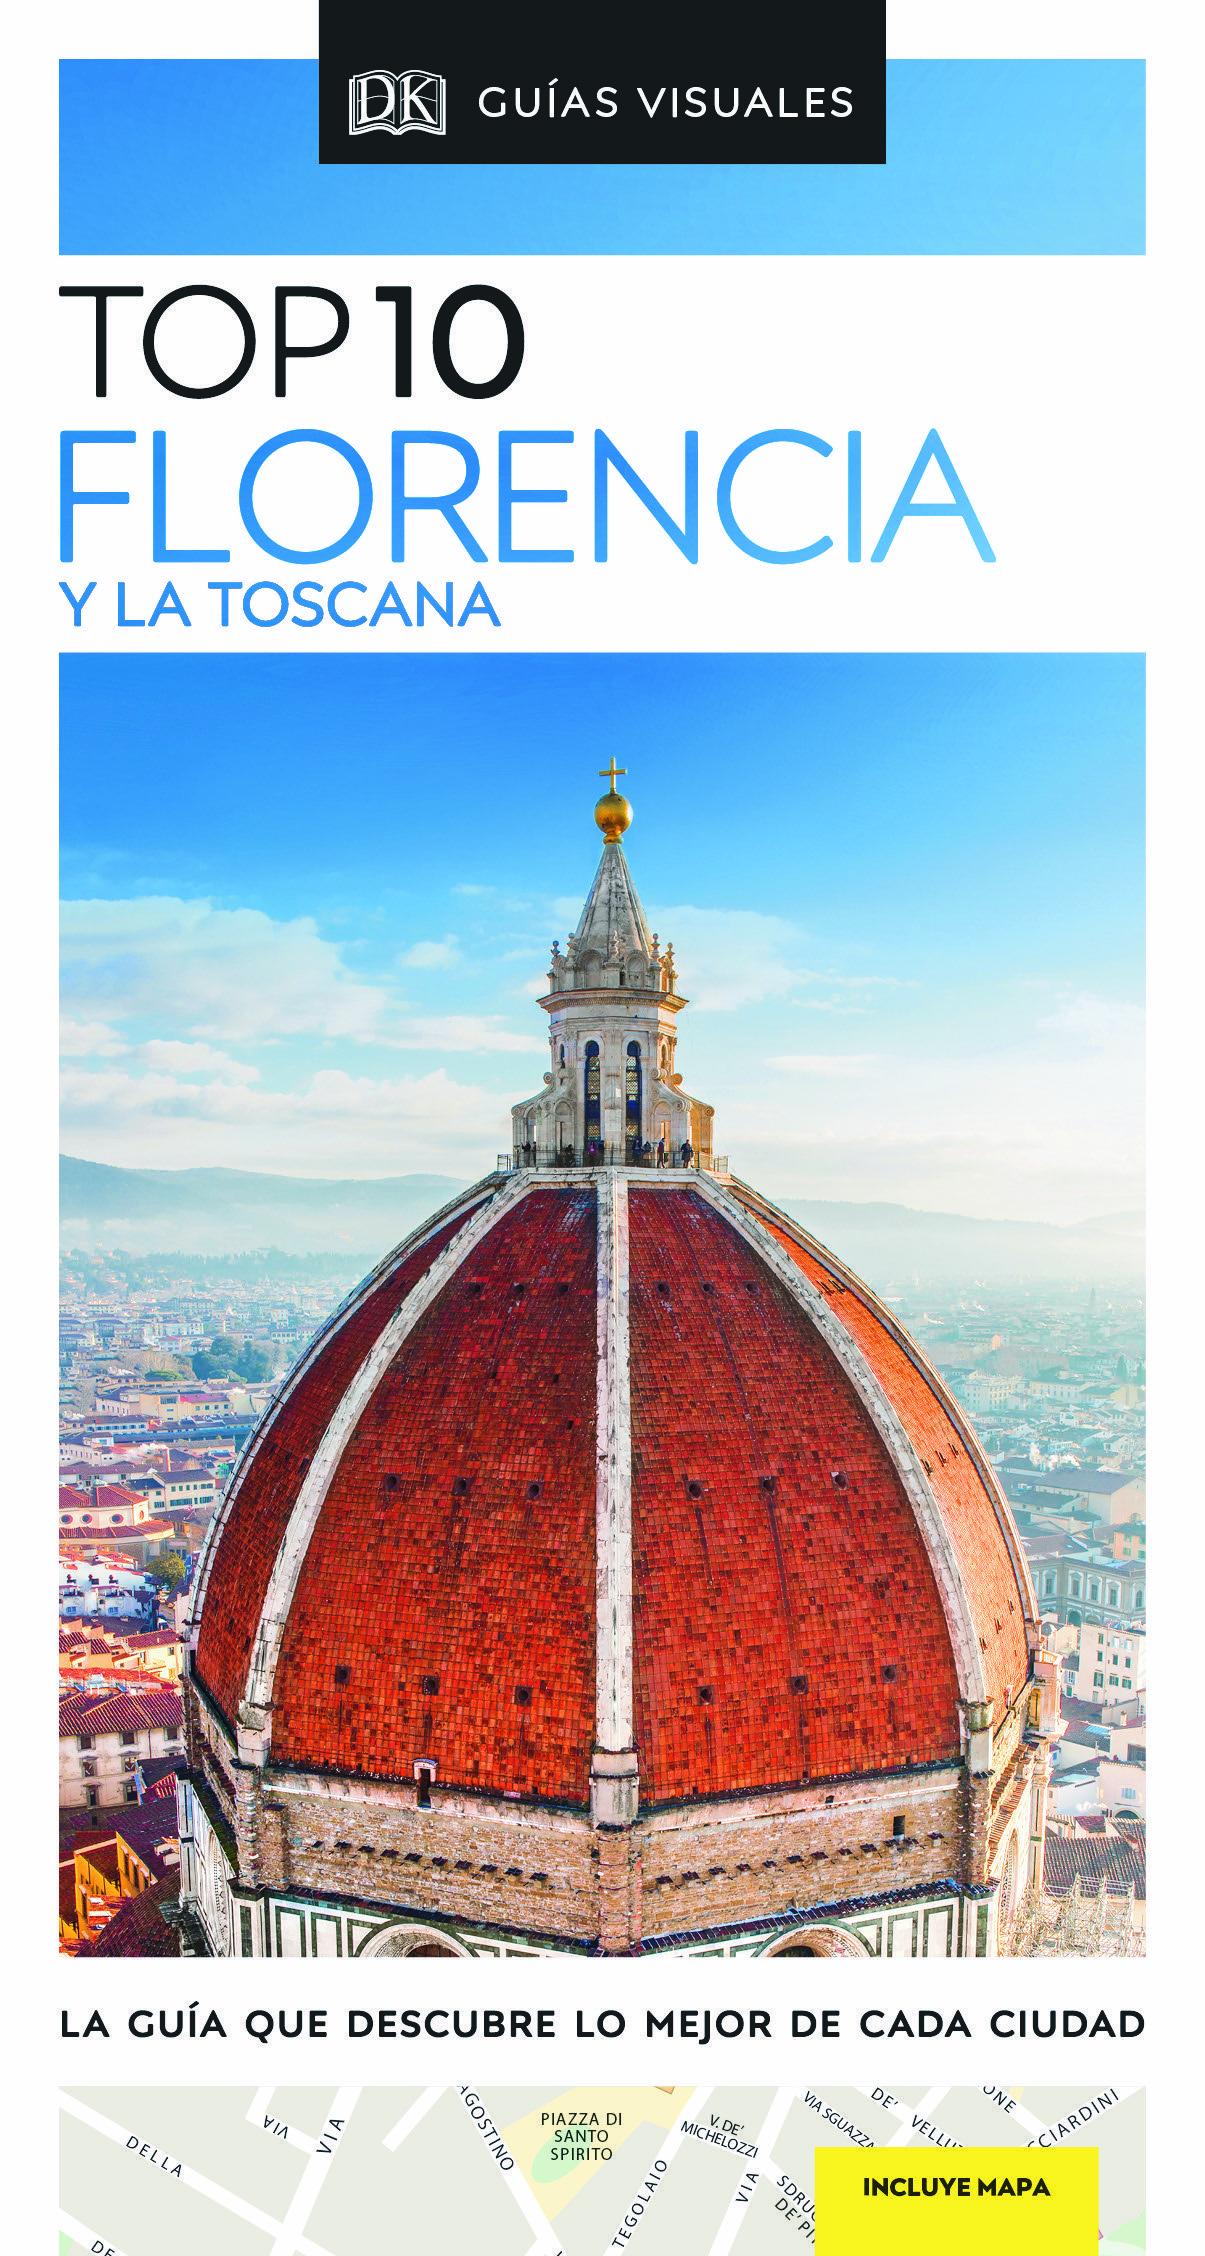 FLORENCIA TOP 10